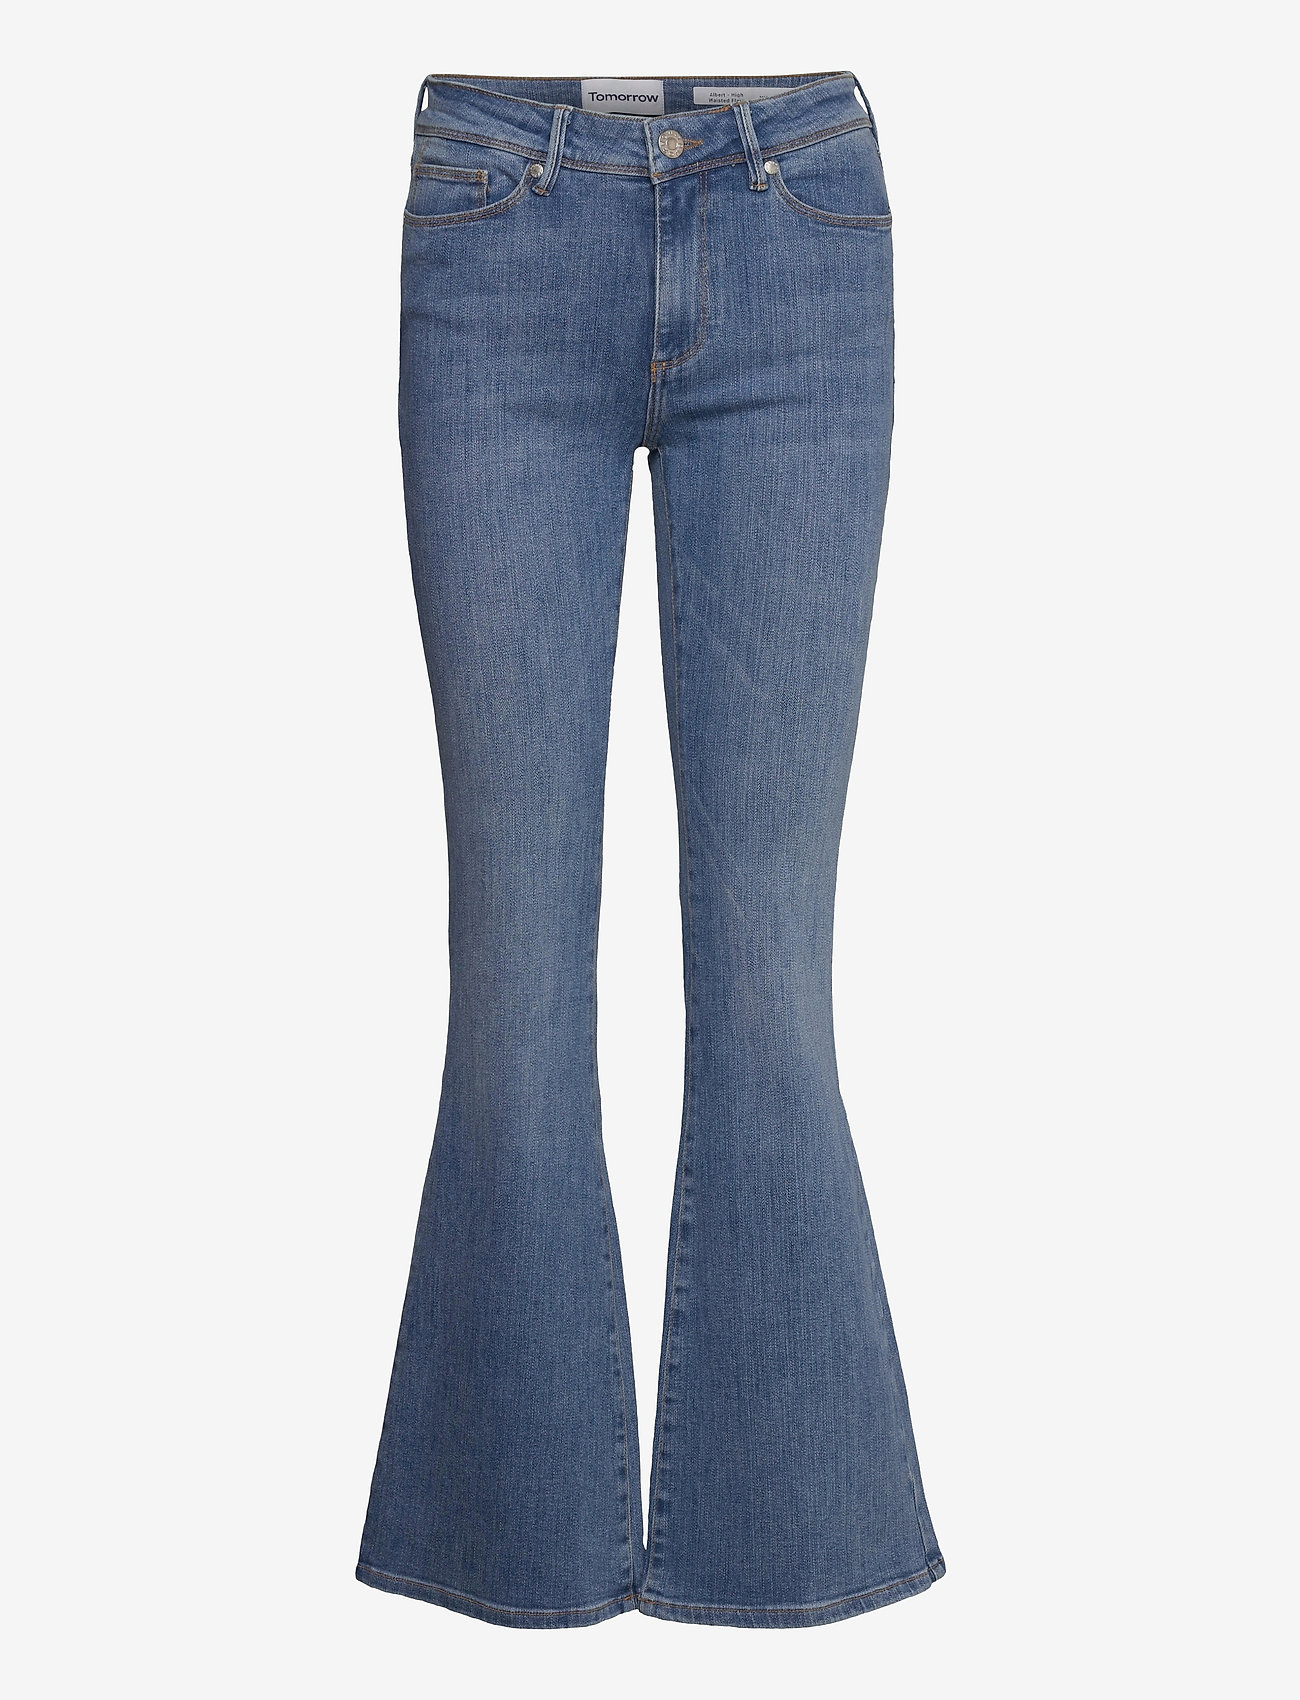 Tomorrow - Albert flare jeans wash bright Sint - schlaghosen - denim blue - 0